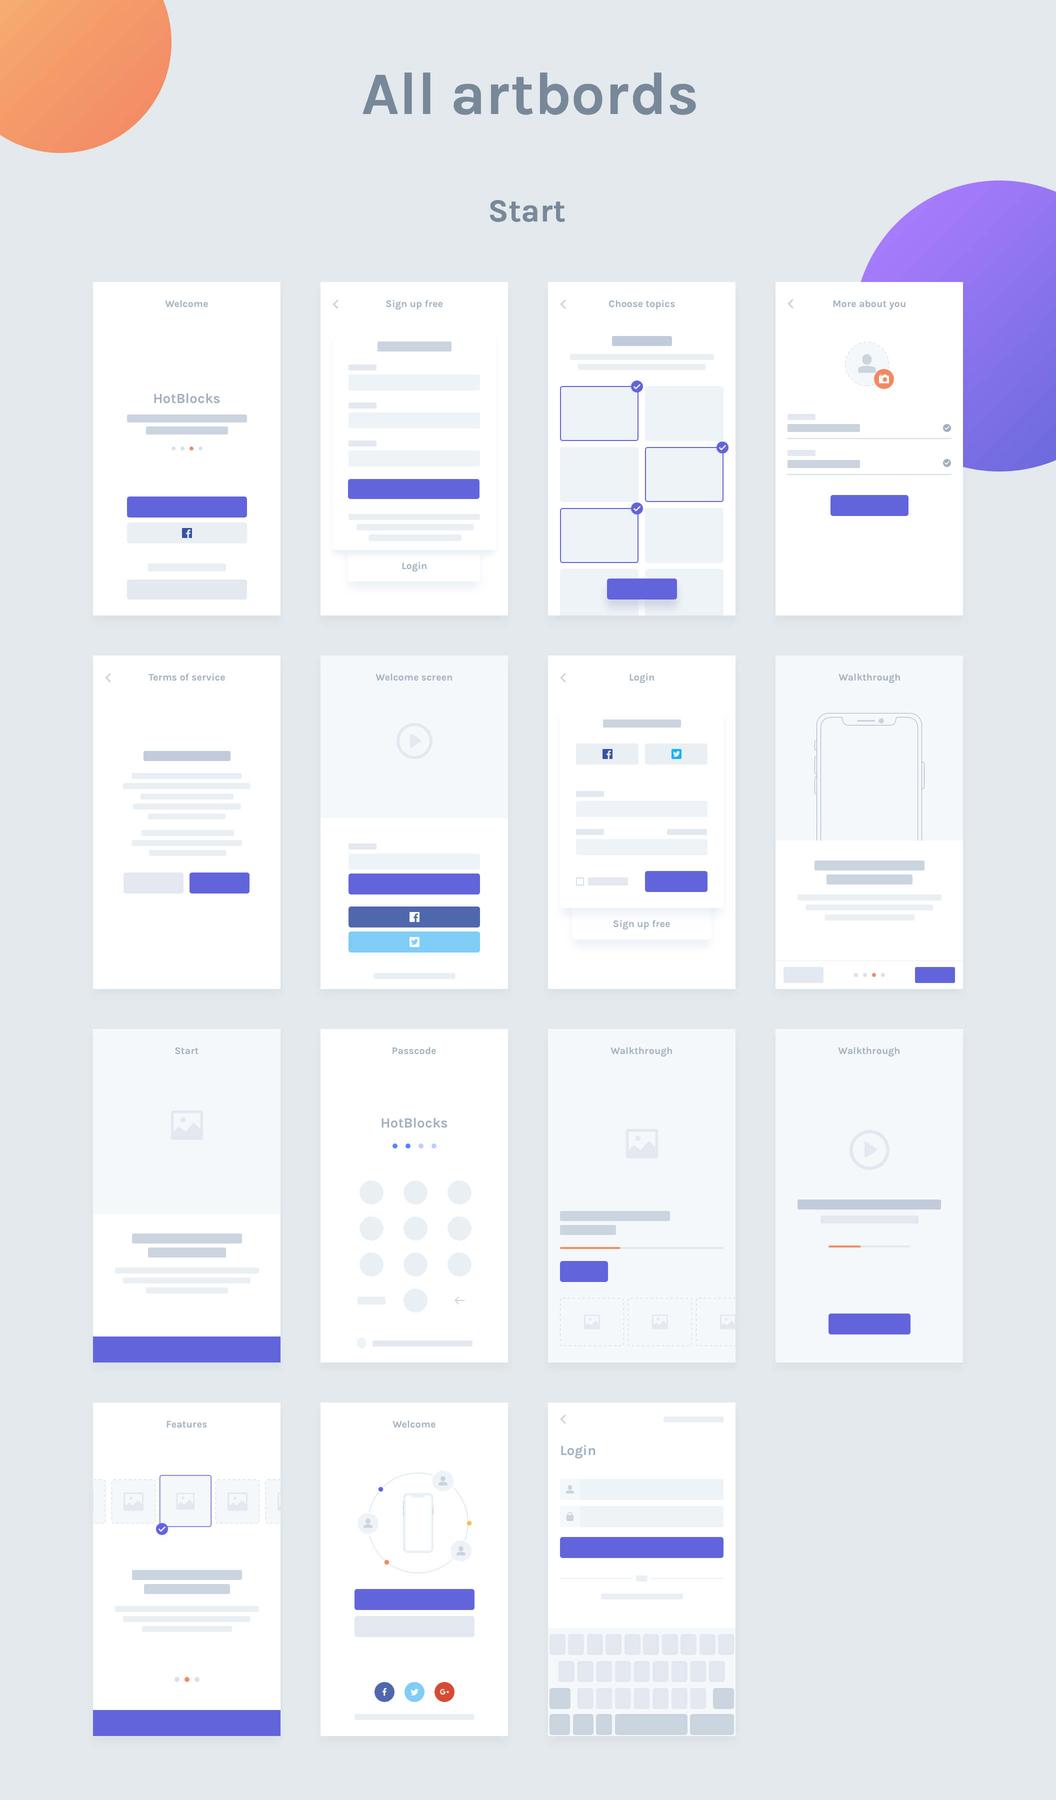 HotBlocks Mobile Flowcharts – Помогут вам создавать и представлять сценарии пользователей мобильных на высоком уровне